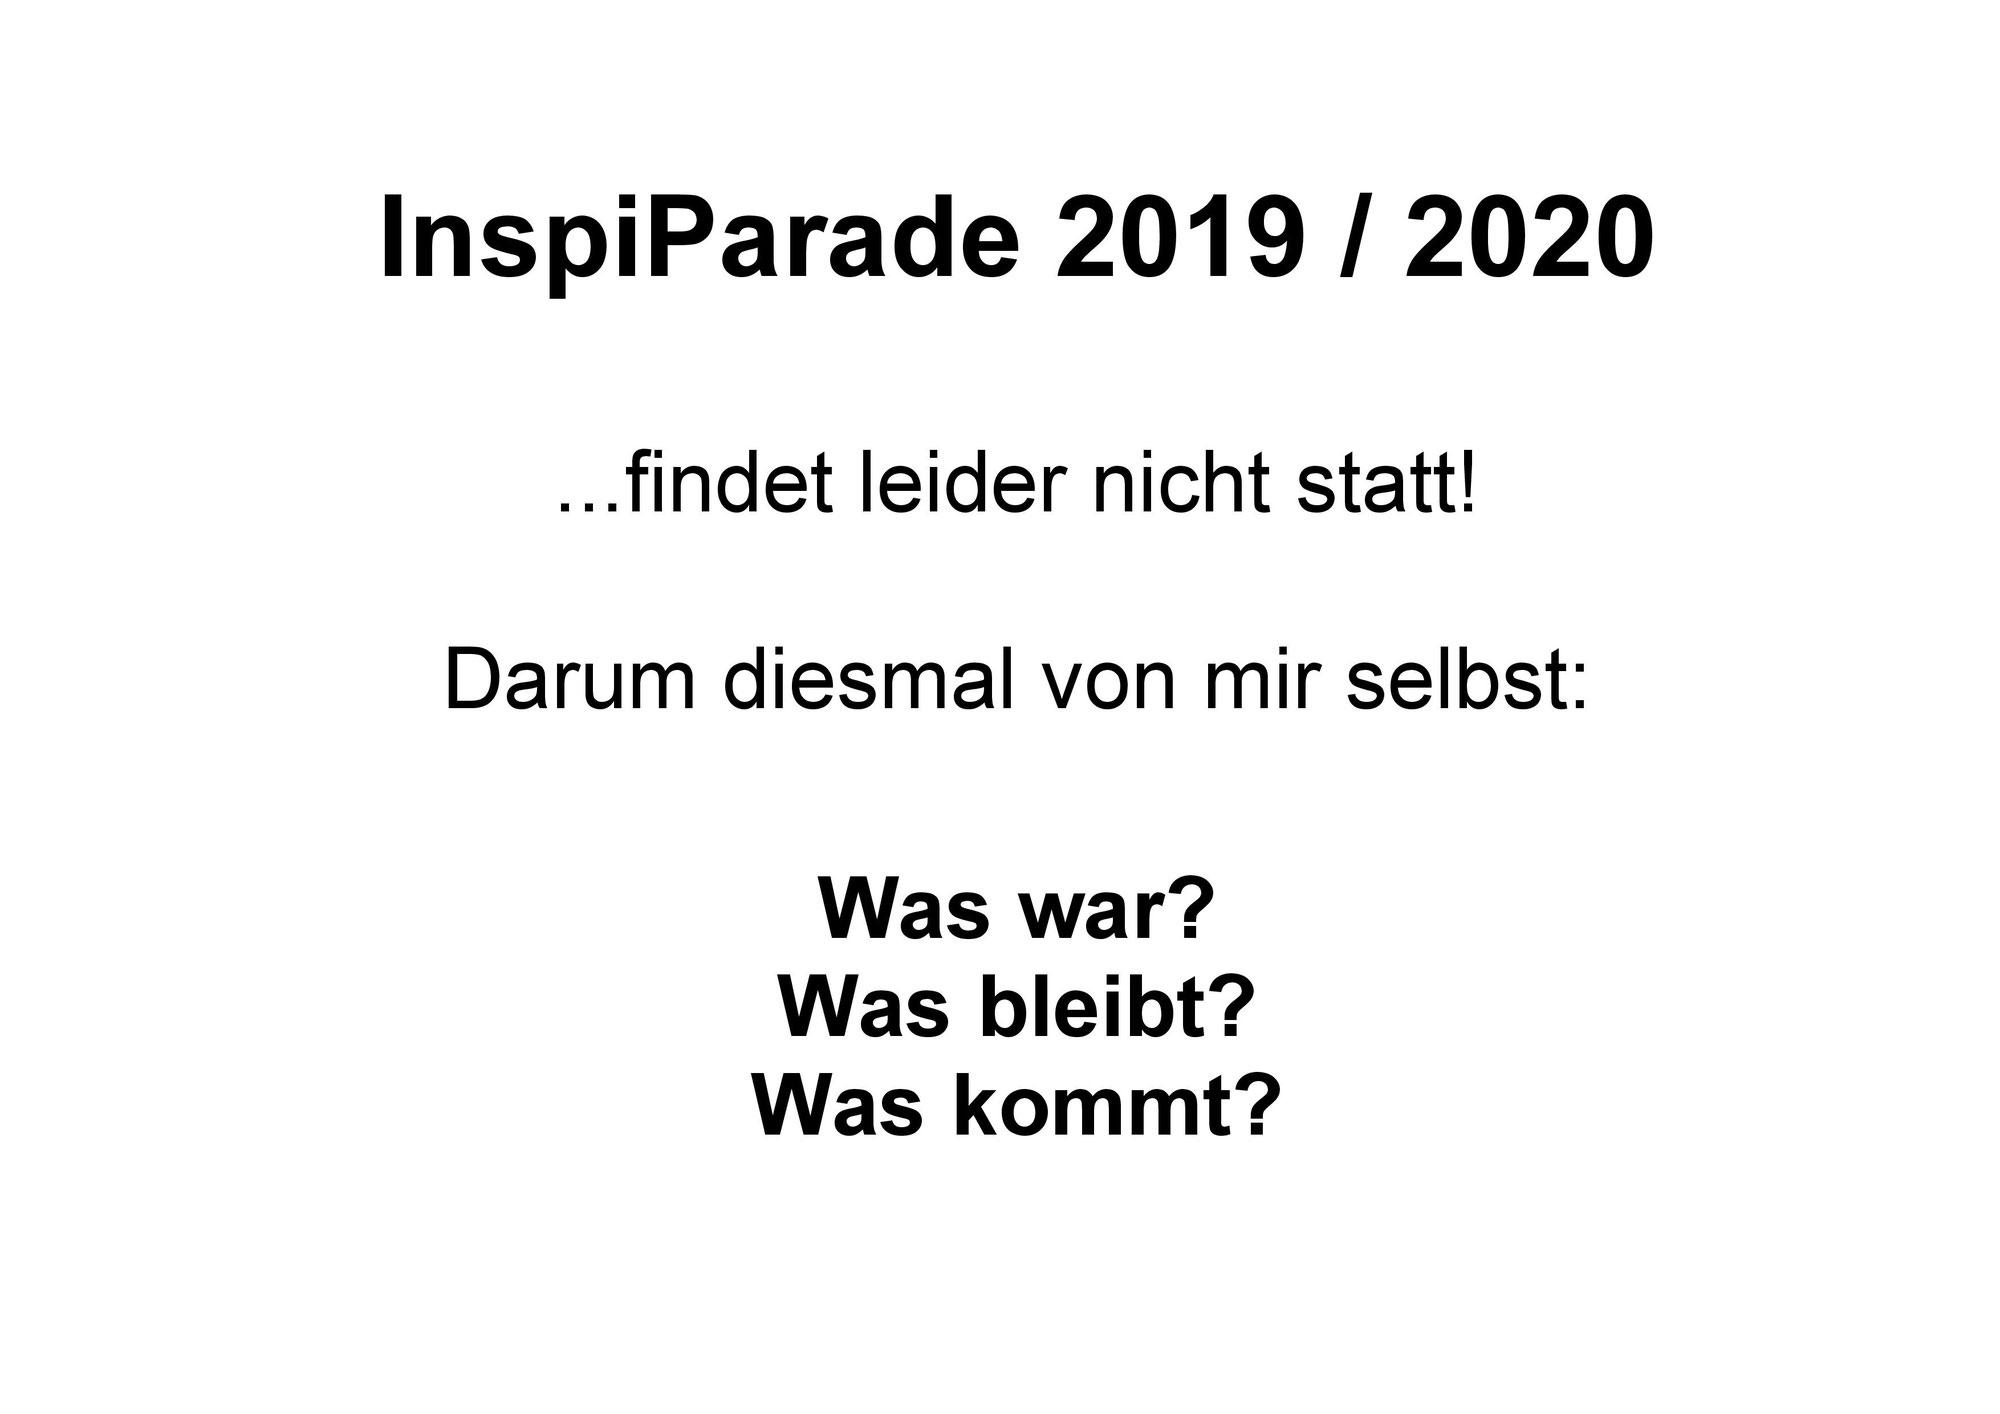 Mein Jahresrückblick 2019 - meine Vorschau auf 2020